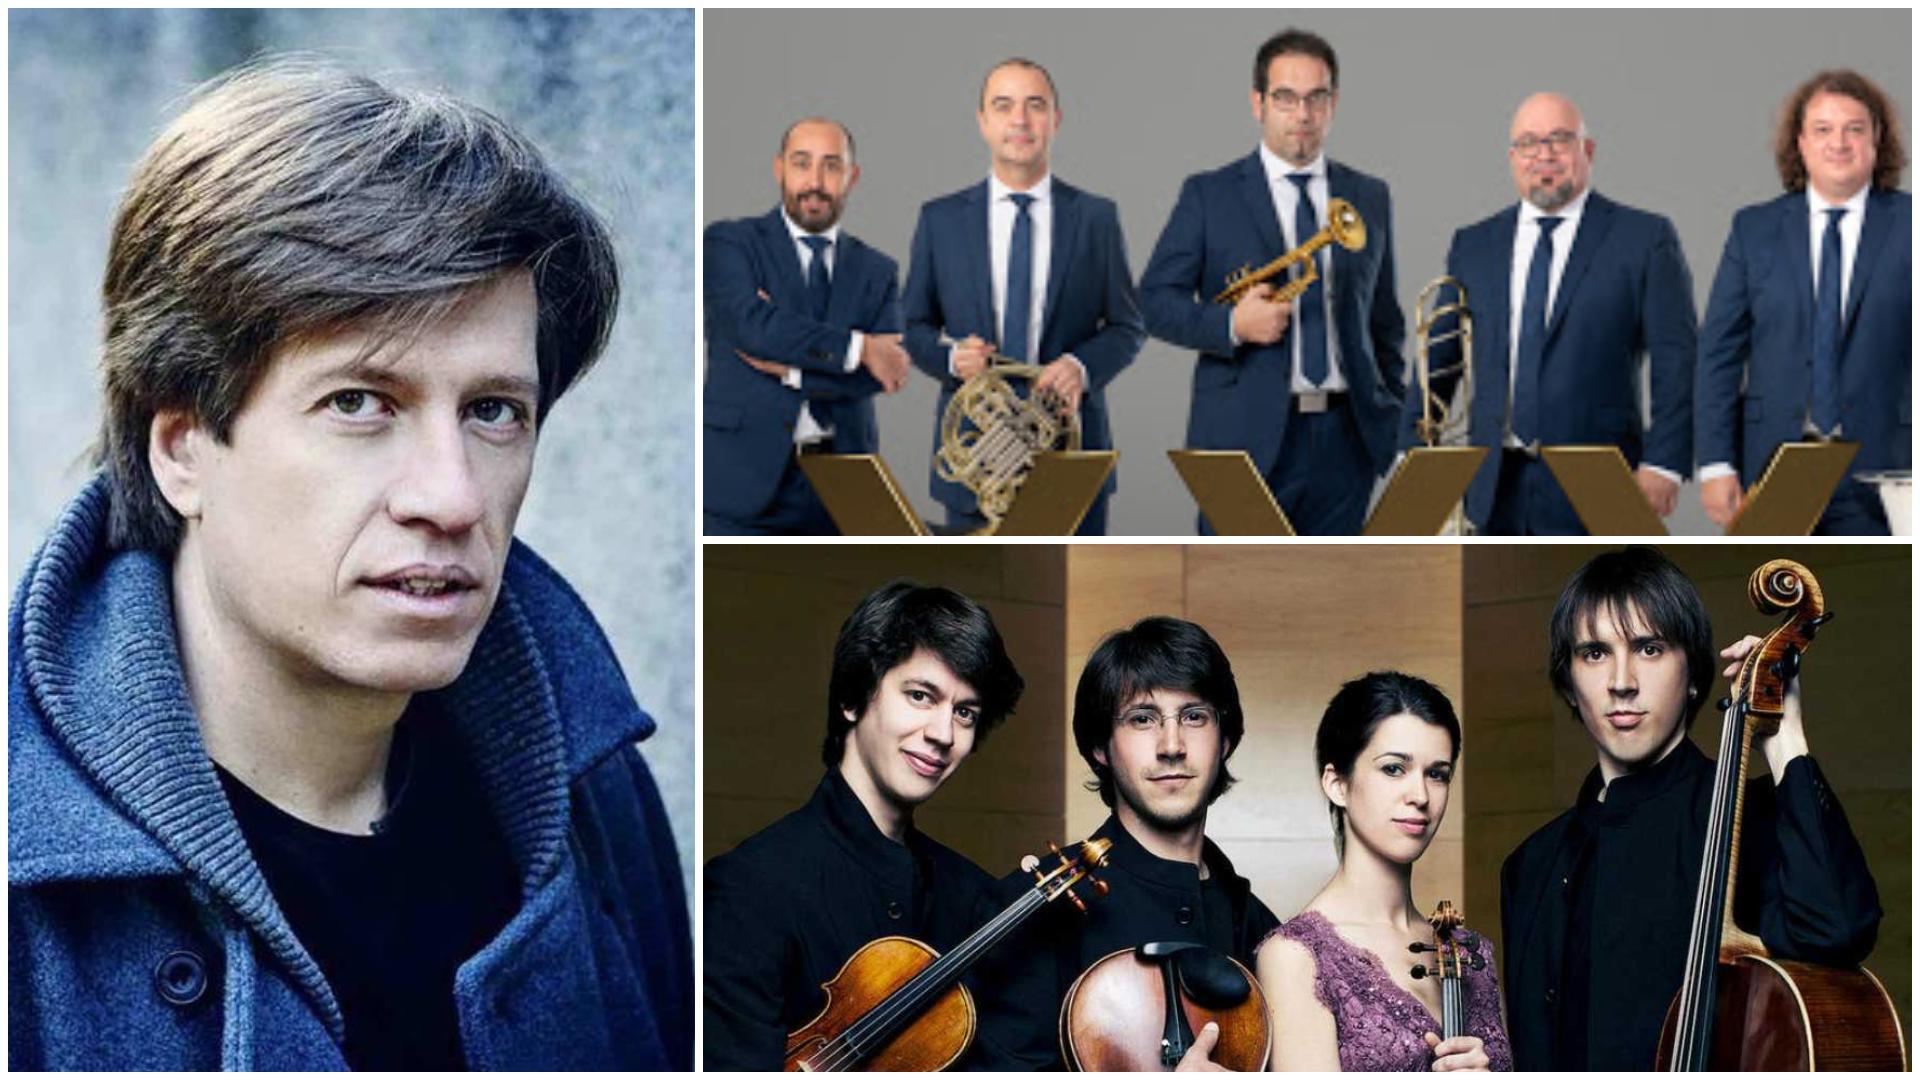 Spanish Brass, Mario Prisuelos y el Cuarteto Gerhard en las XXVIII Jornadas de Música Contemporánea de Segovia